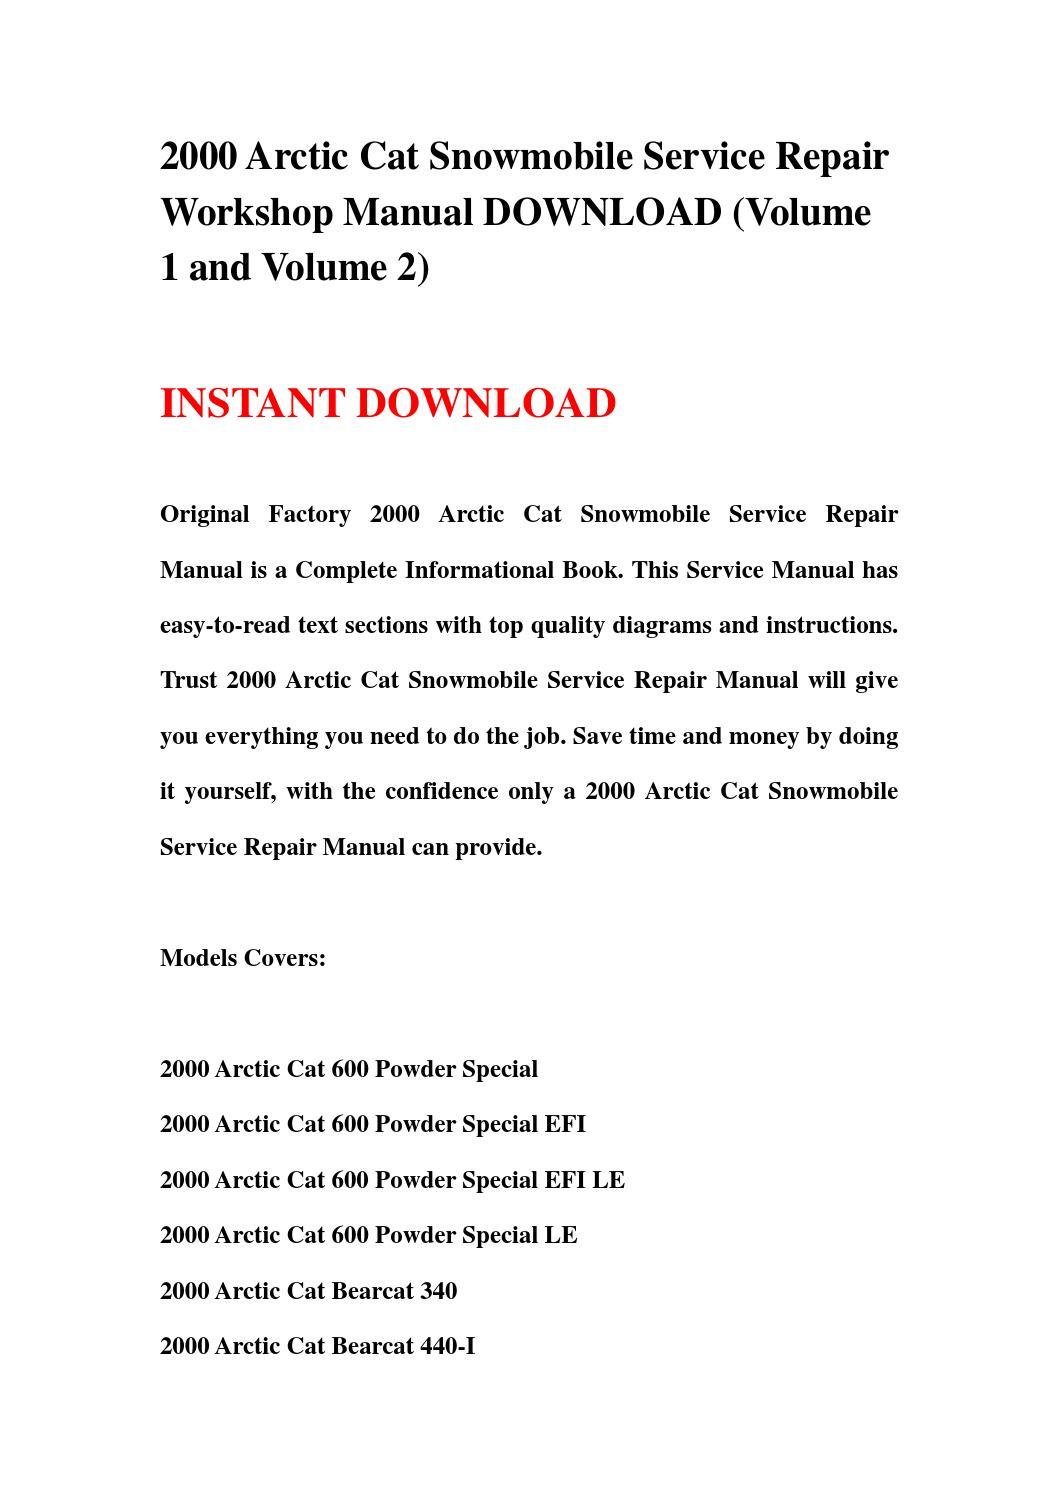 2000 Arctic Cat Snowmobile Service Repair Workshop Manual